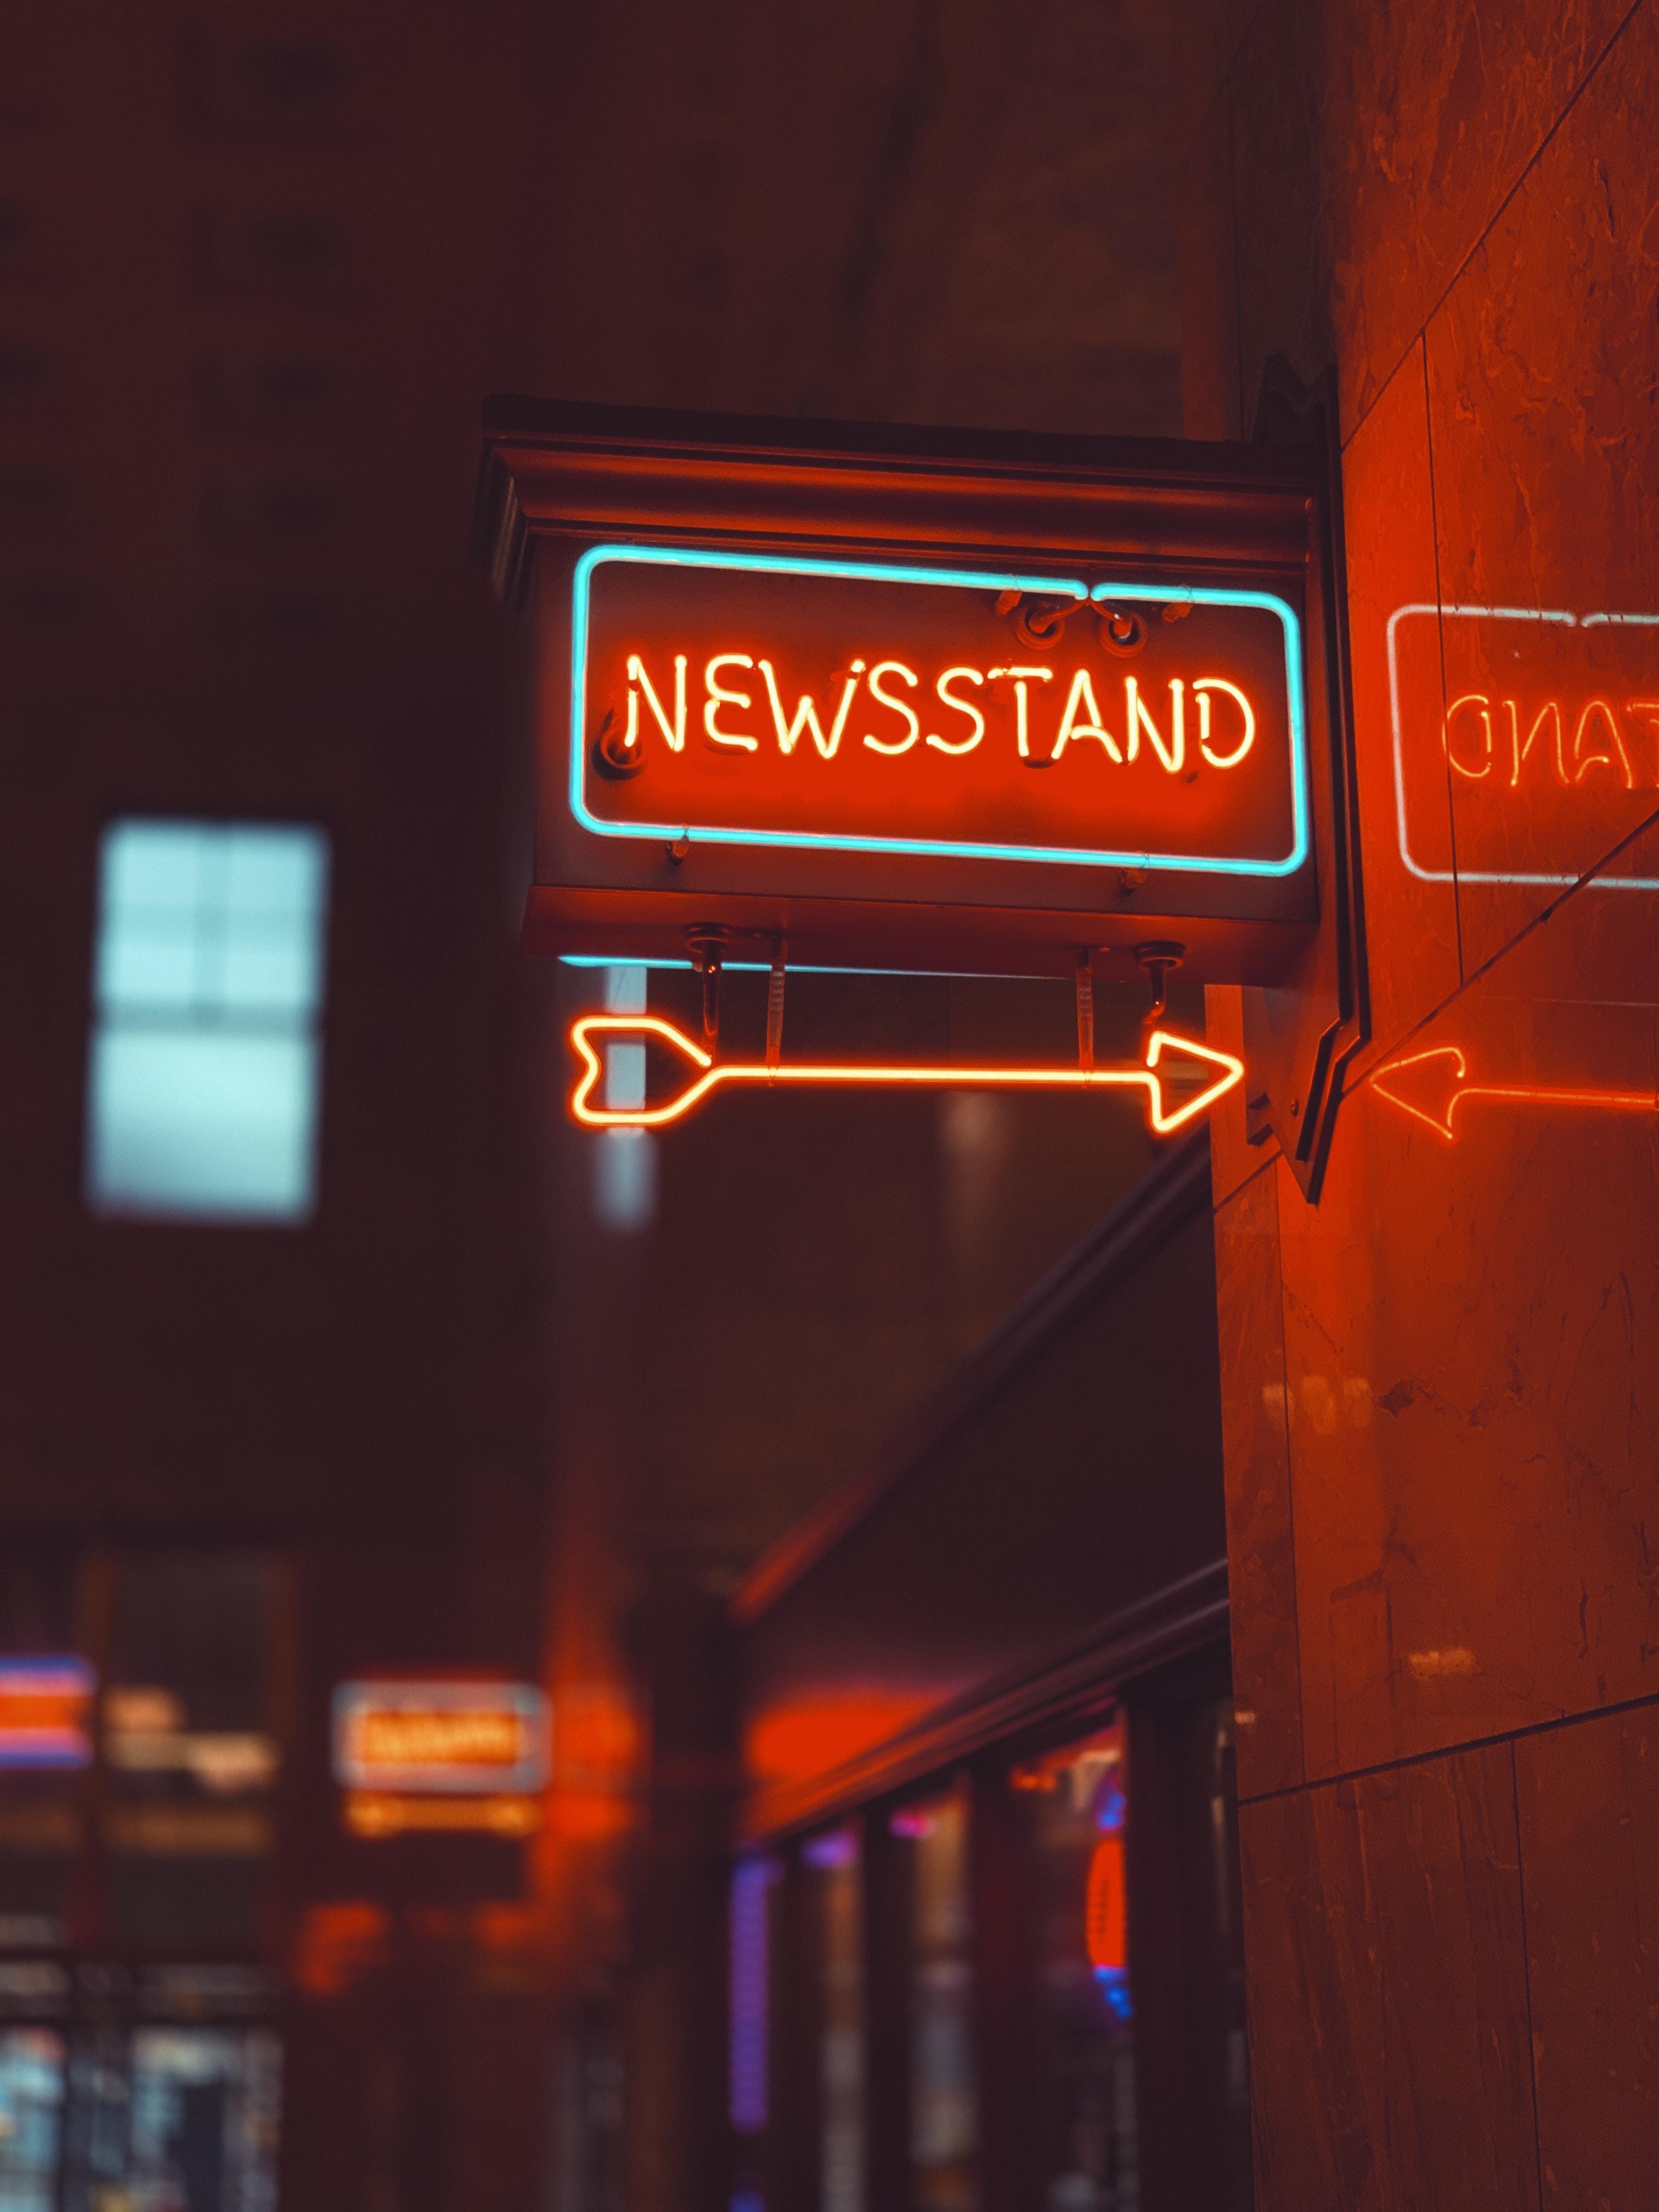 Handy-Wallpaper Pfeil, Zeichen, Die Wörter, Wörter, Schild, Neon, Hintergrundbeleuchtung, Beleuchtung, Zeiger, Inschrift kostenlos herunterladen.